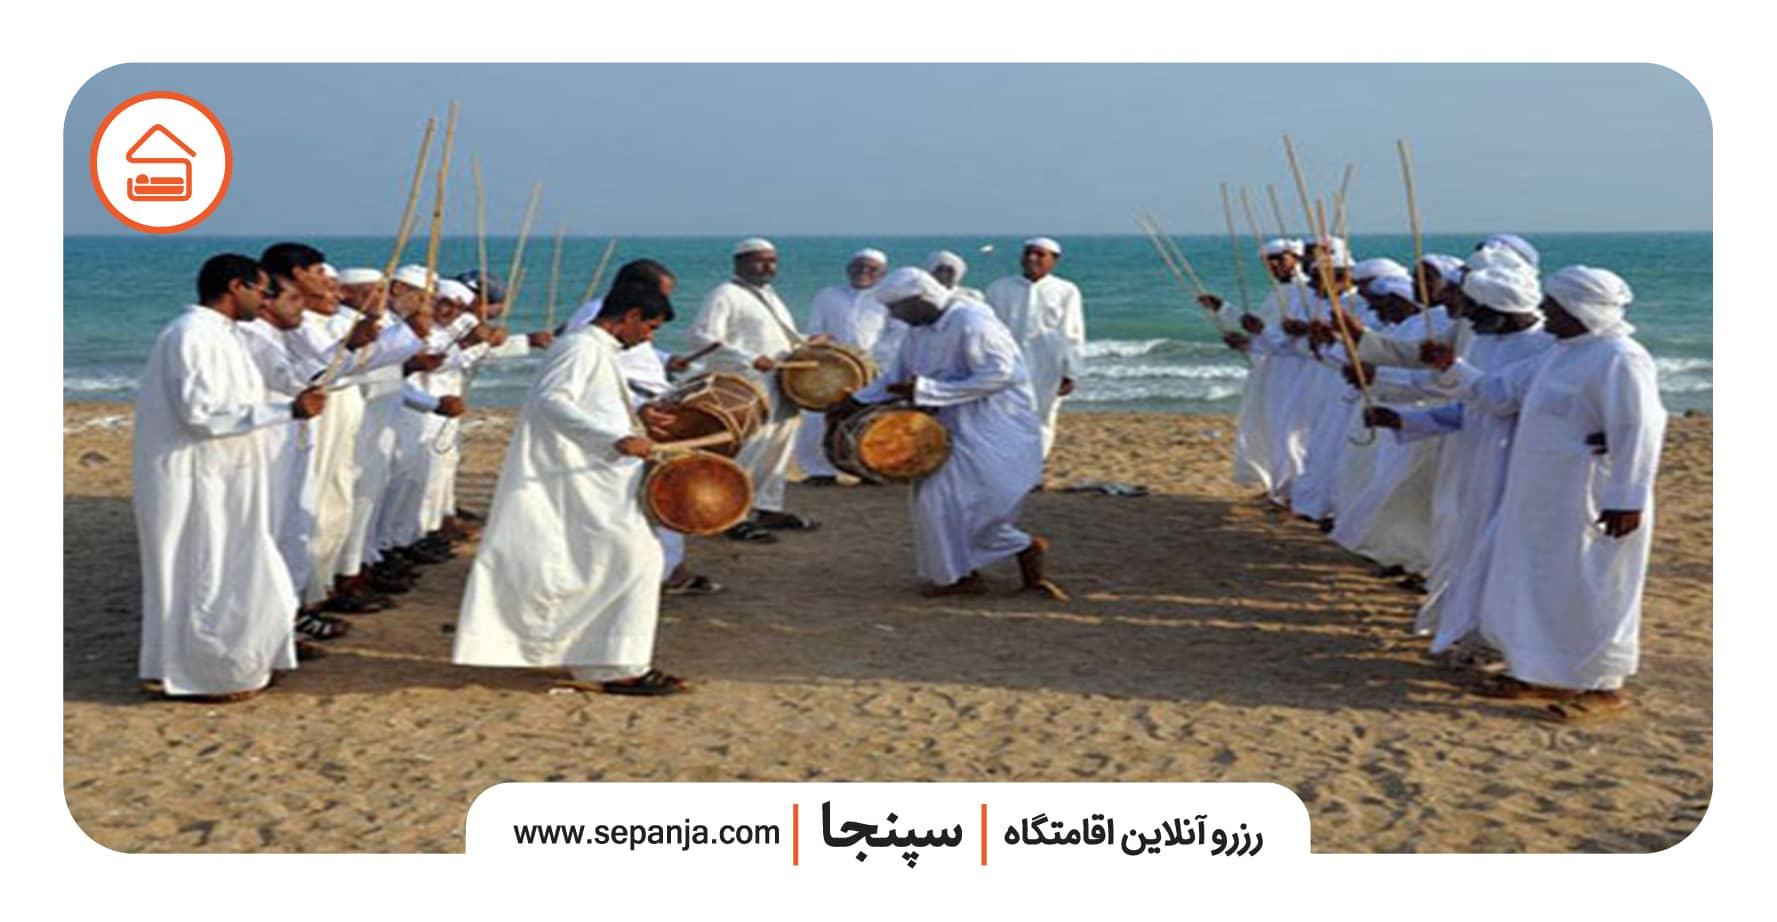 موسیقی جنوب از بهترین دیدنی های بوشهر